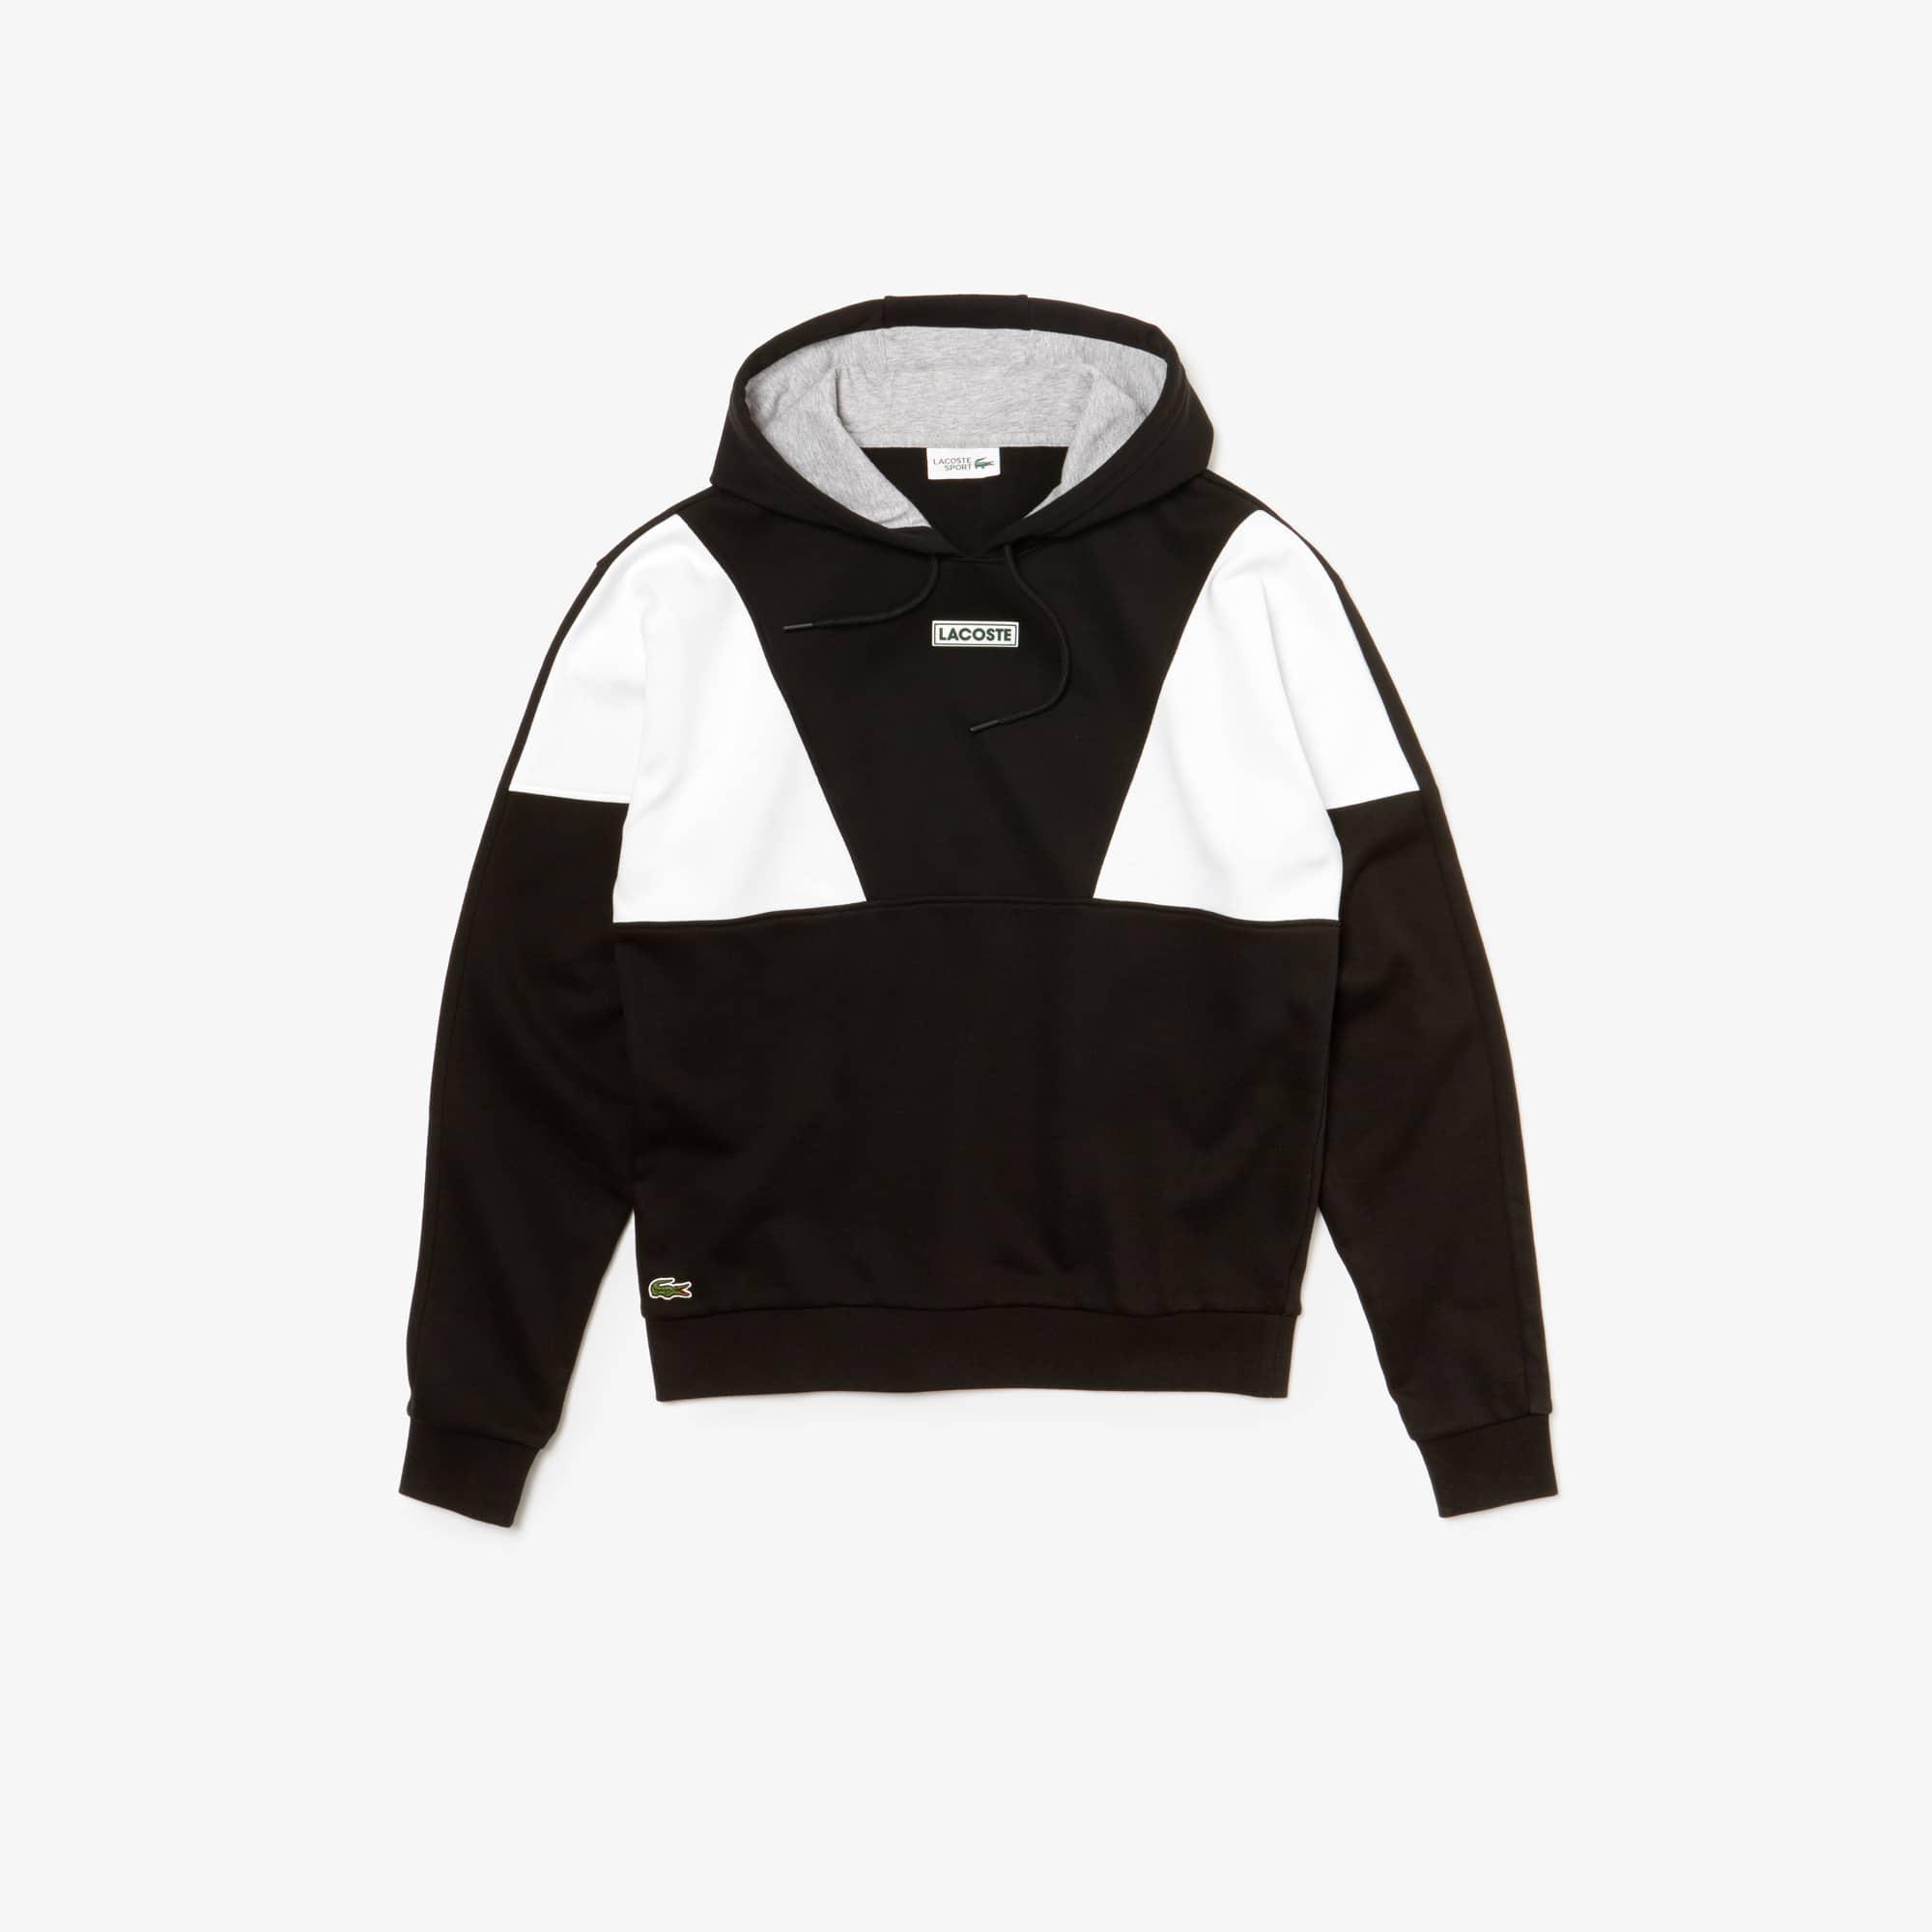 Lacoste SPORT-sweatshirt heren fleece met capuchon en colorblock